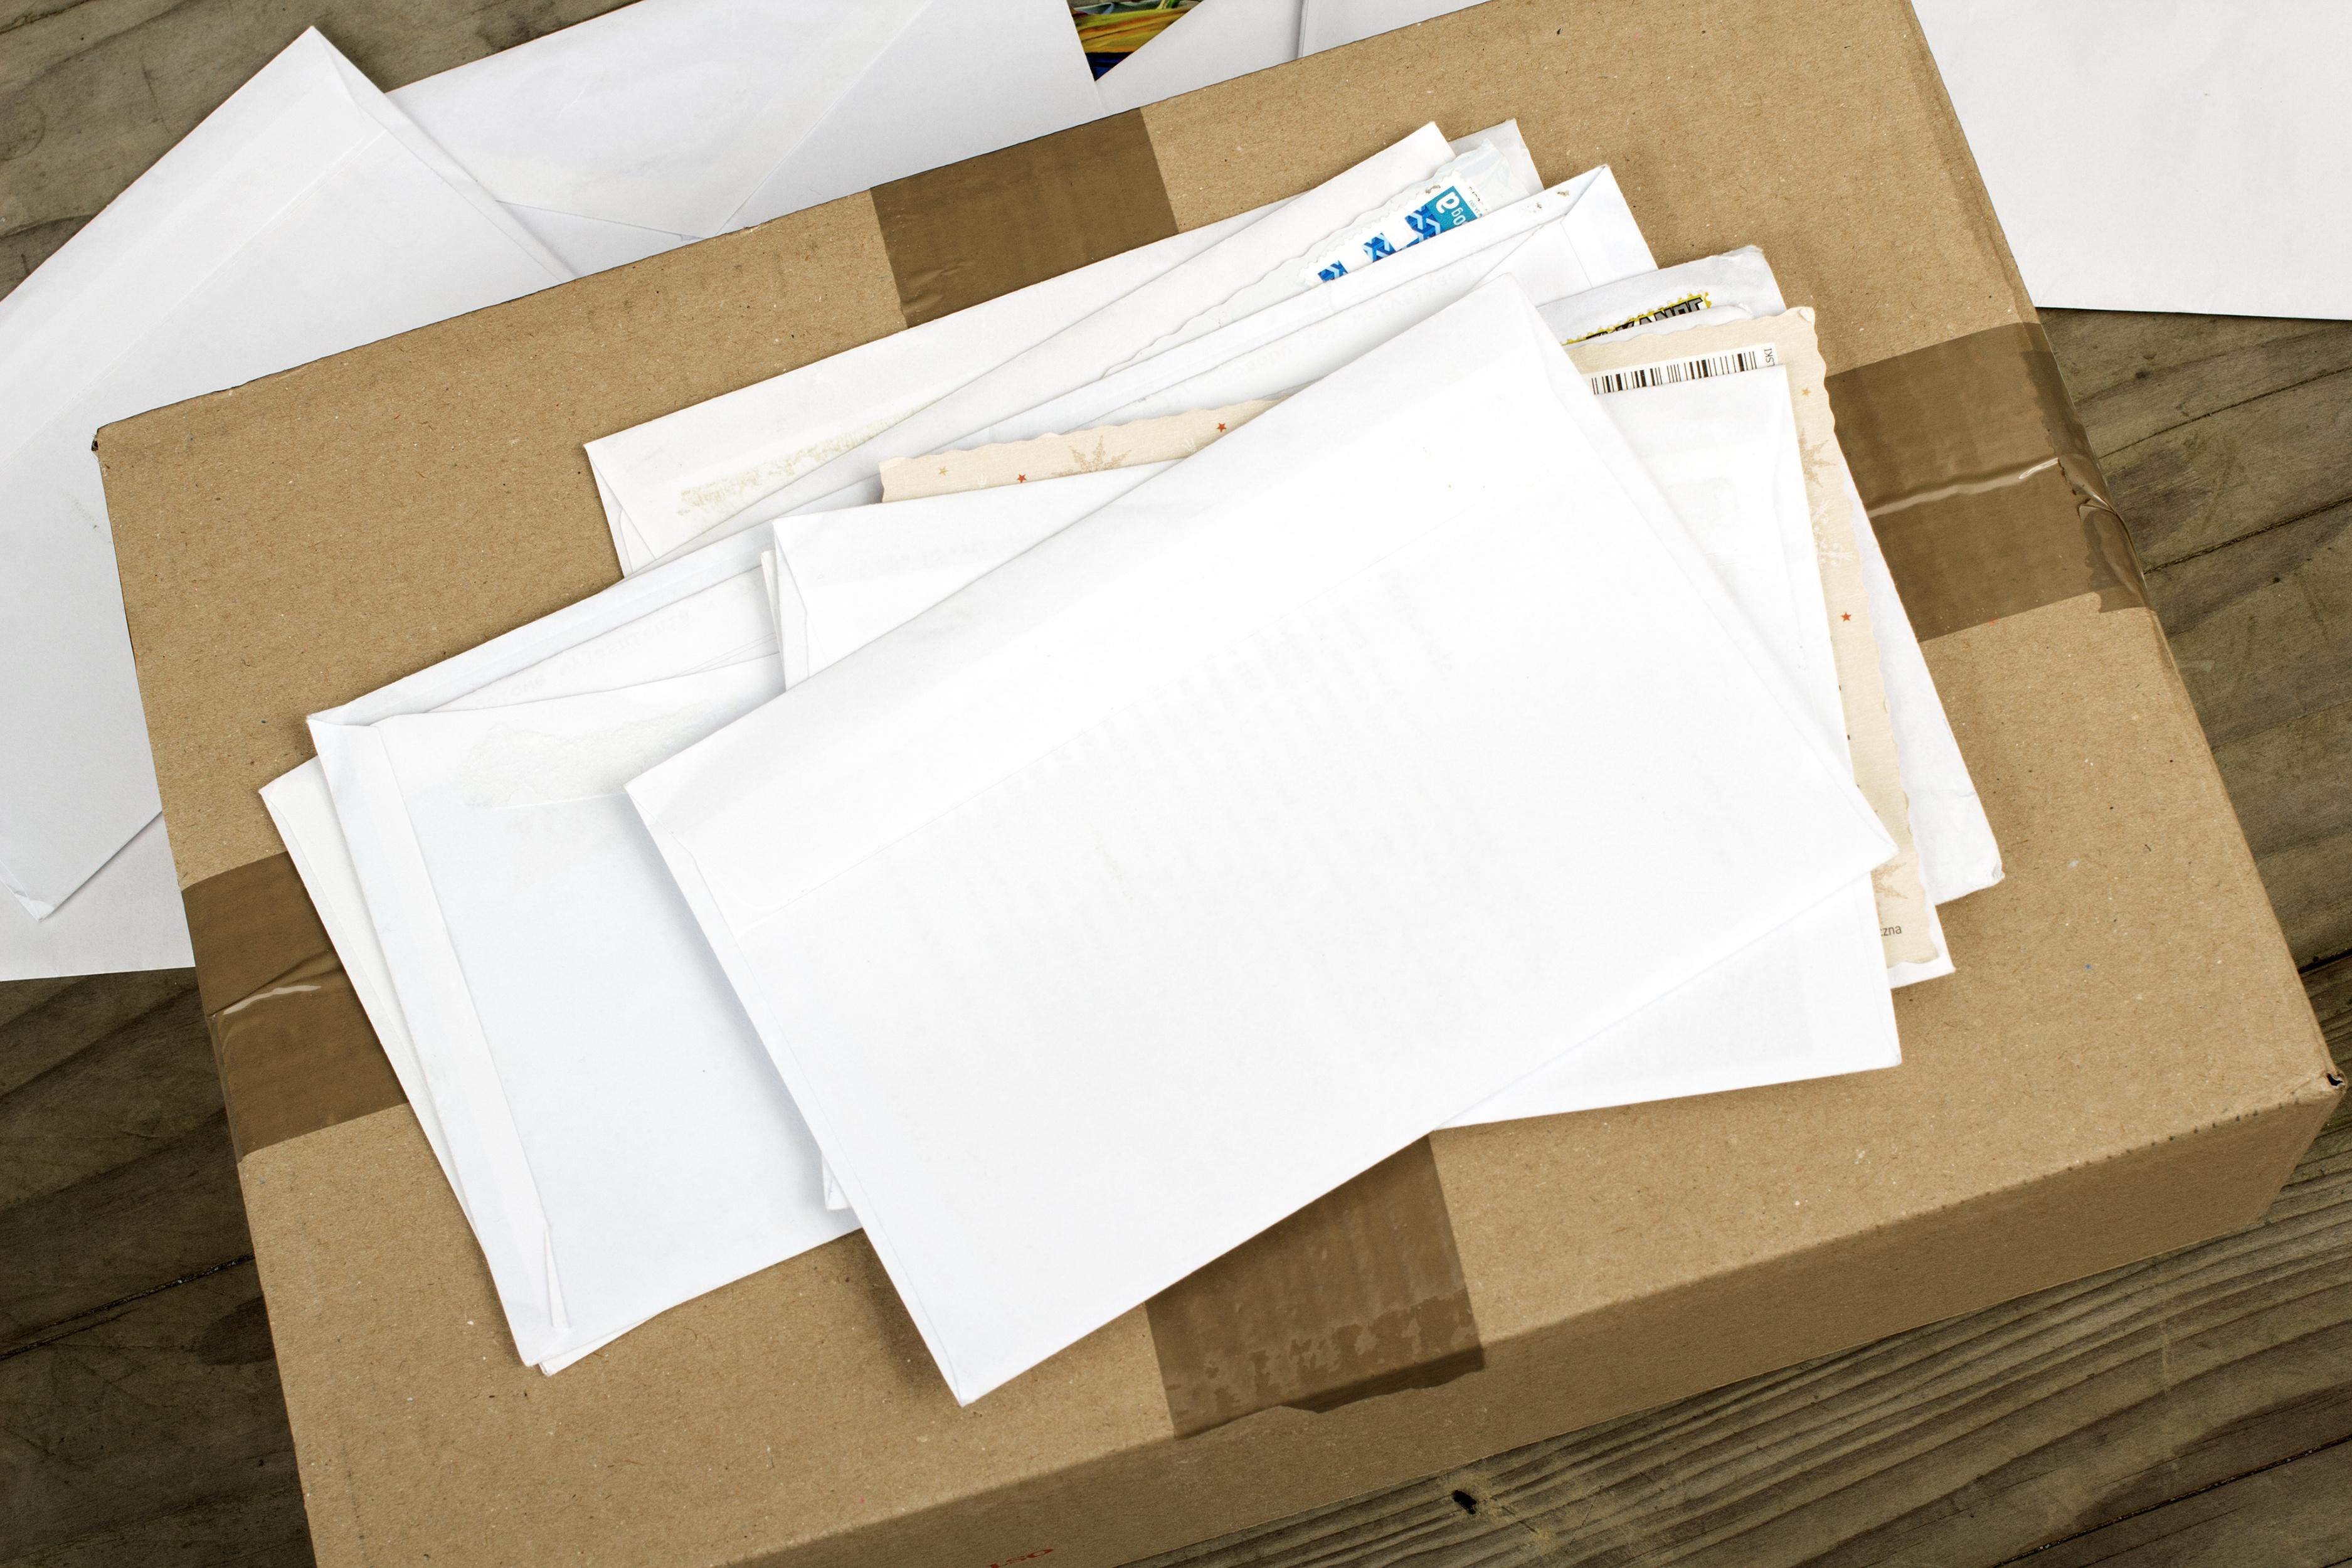 Przesyłki kurierskie i listy pocztowe